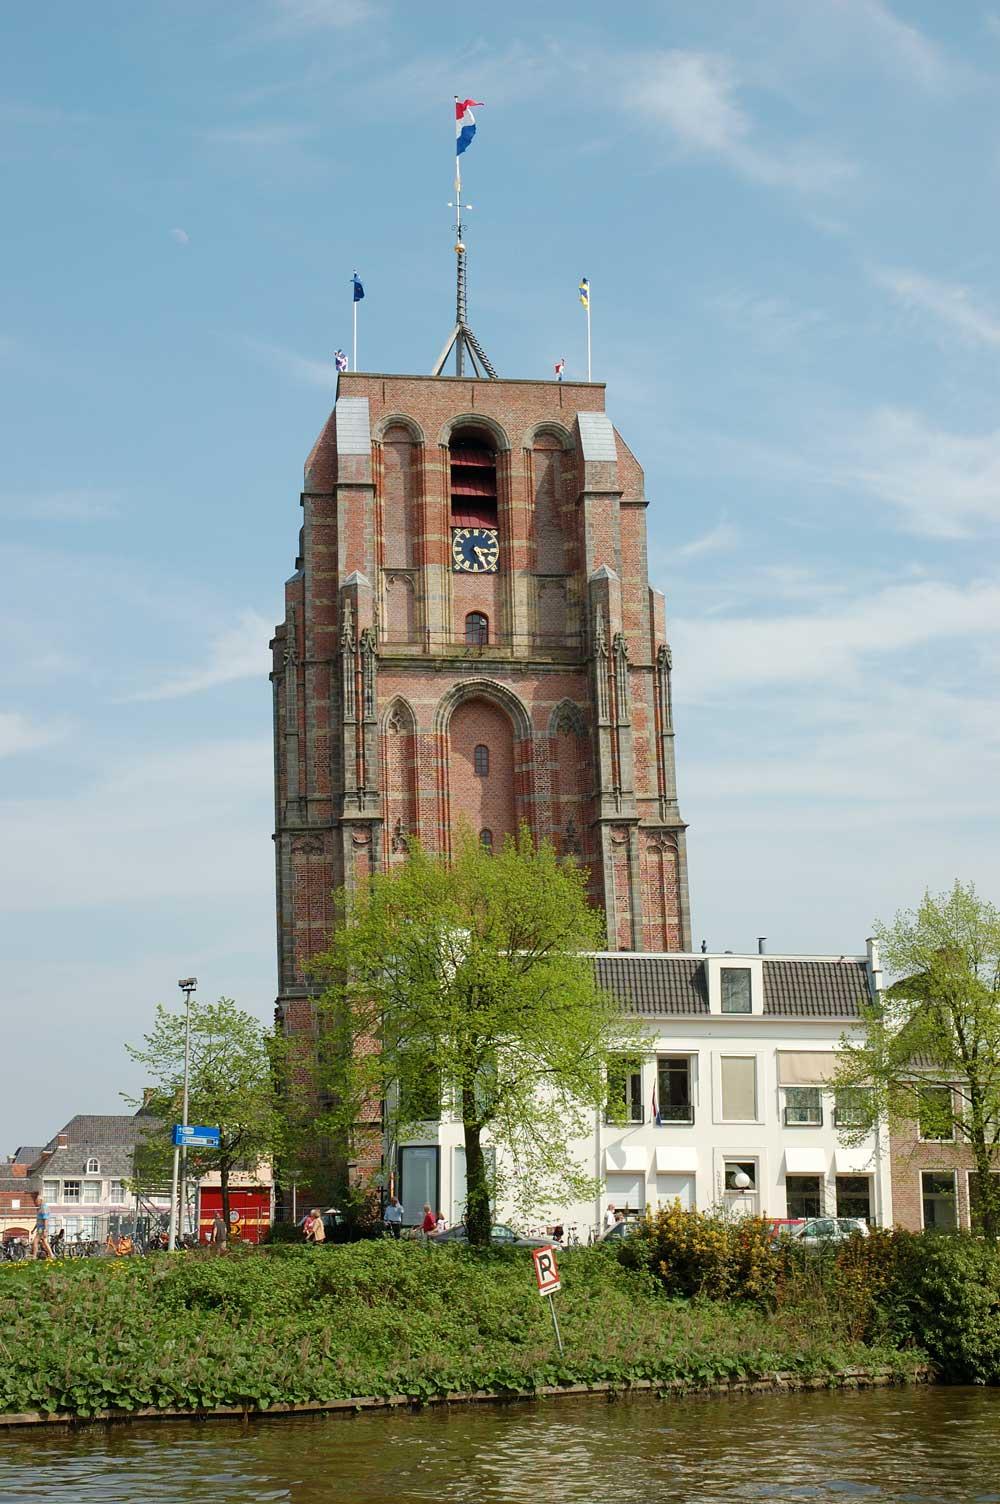 scheve toren oldehove leeuwarden friesland centrum